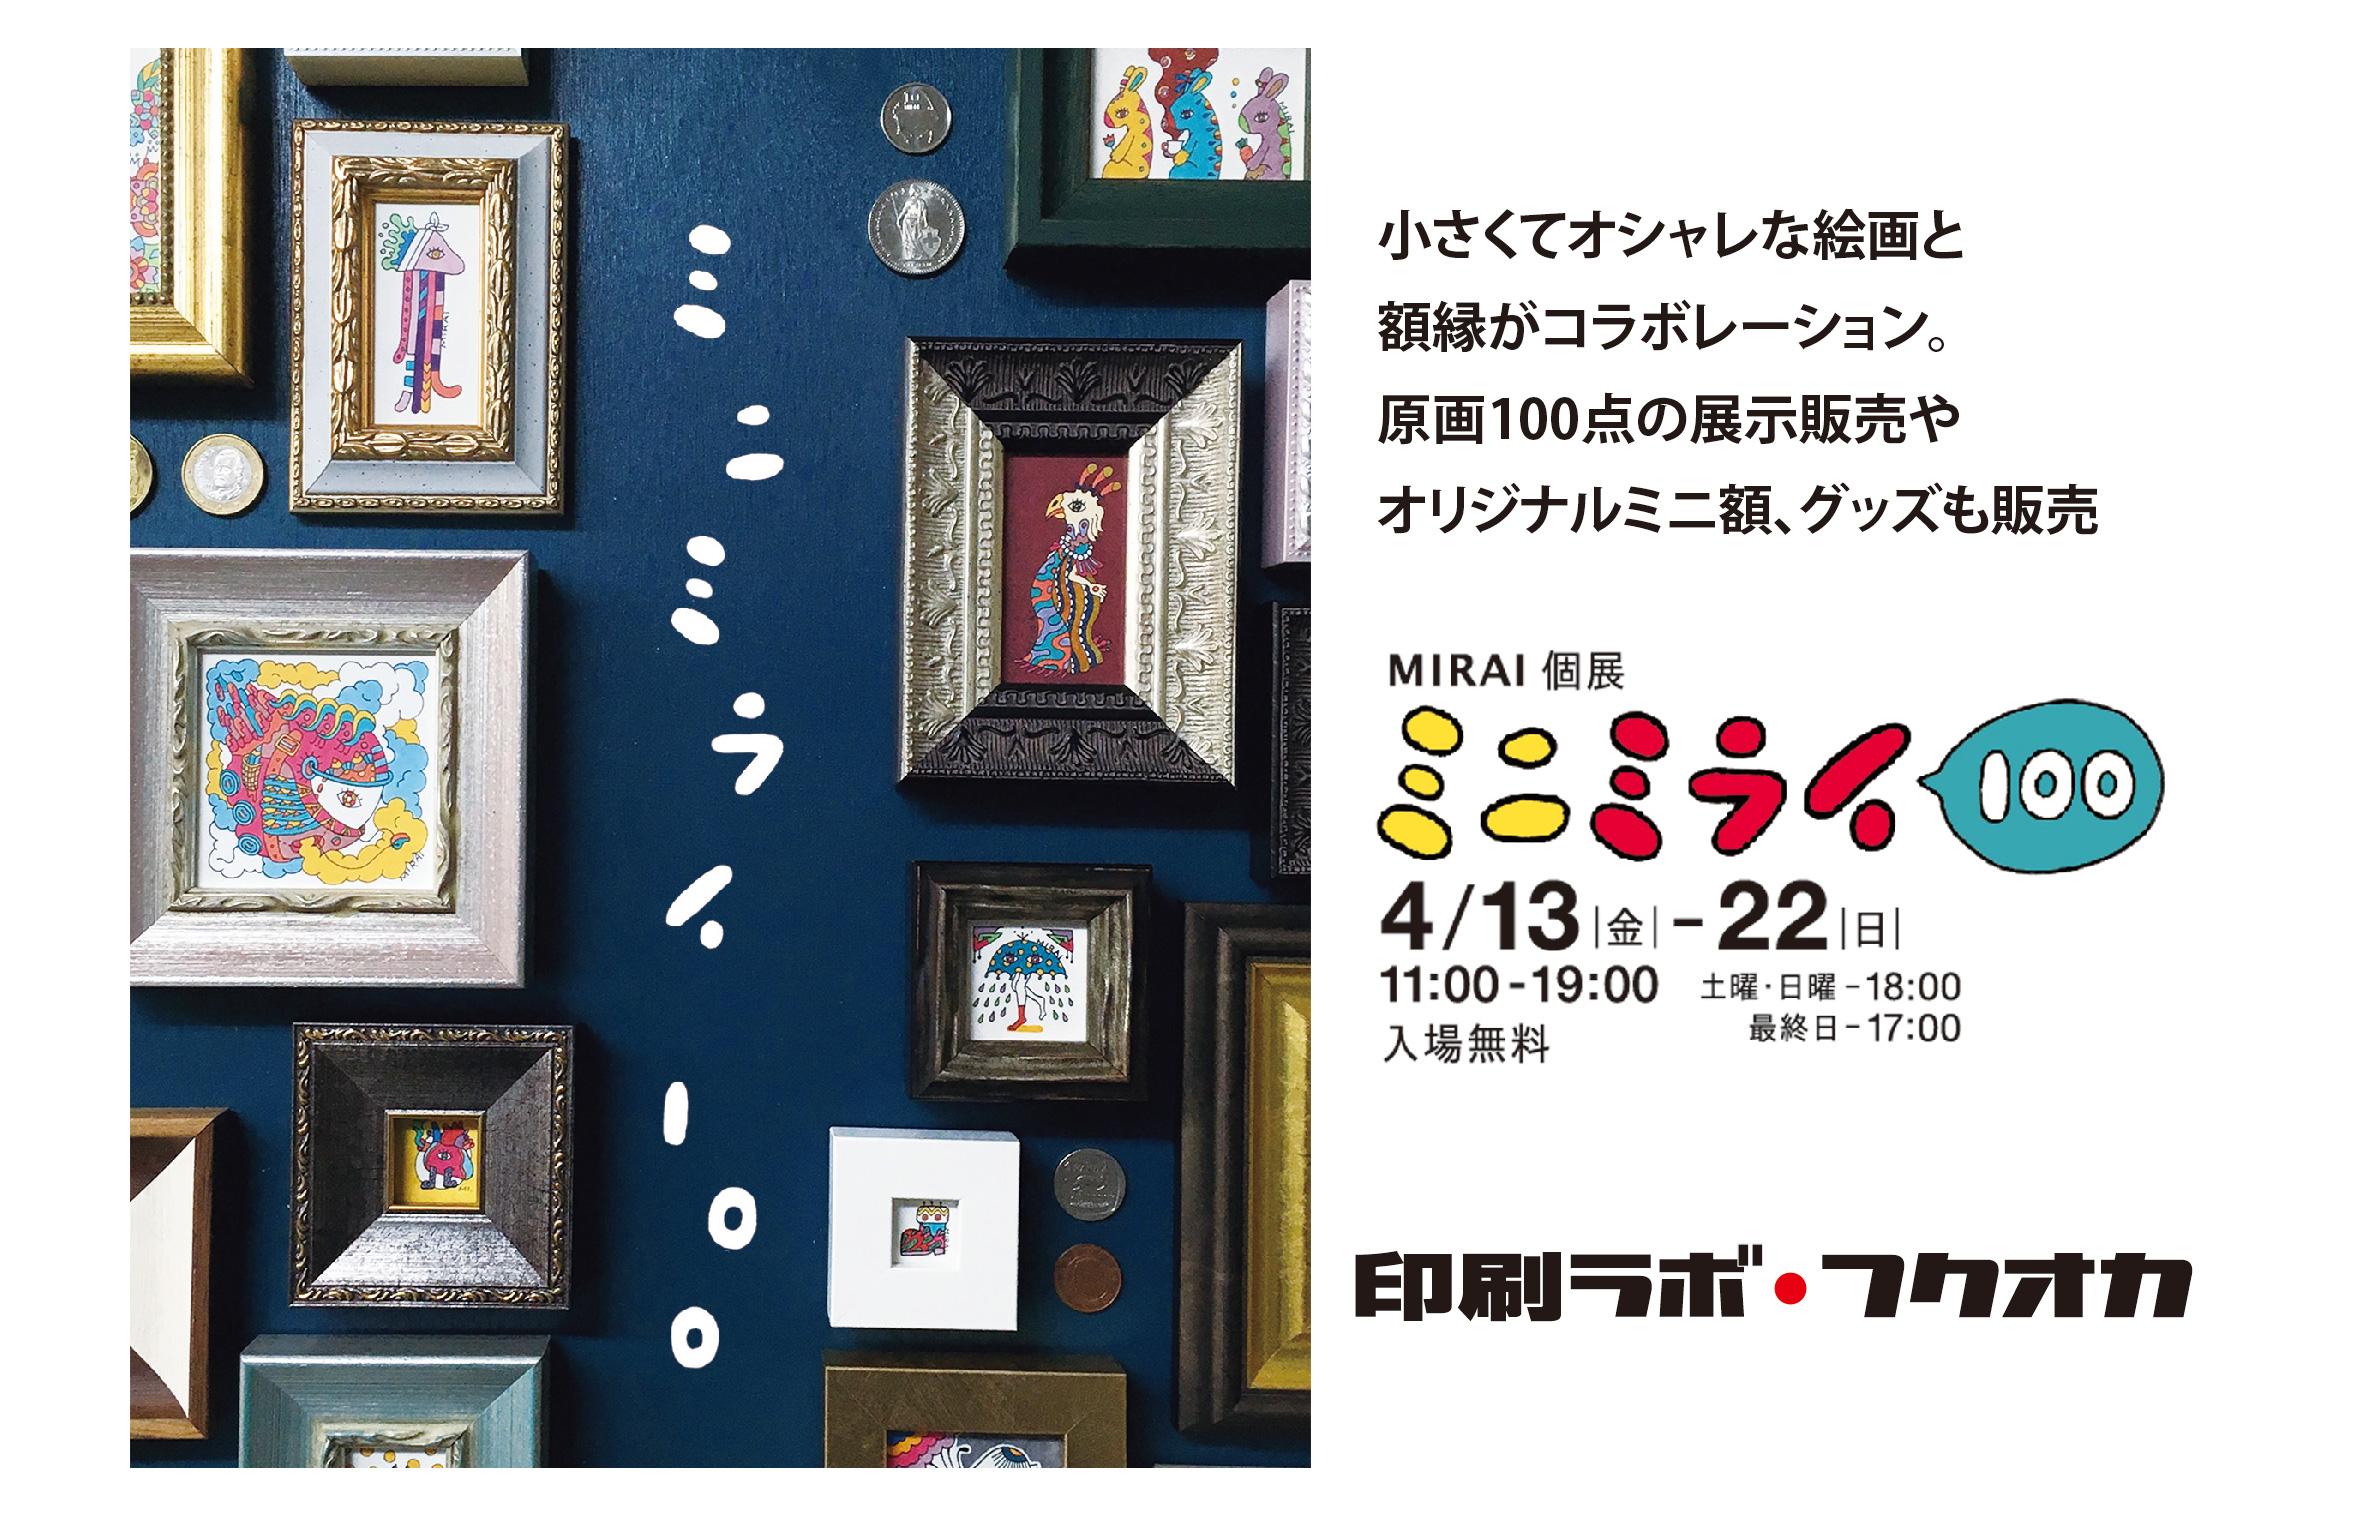 【入場無料】MIRAI個展 ミニミライ100 4月13日(金)より